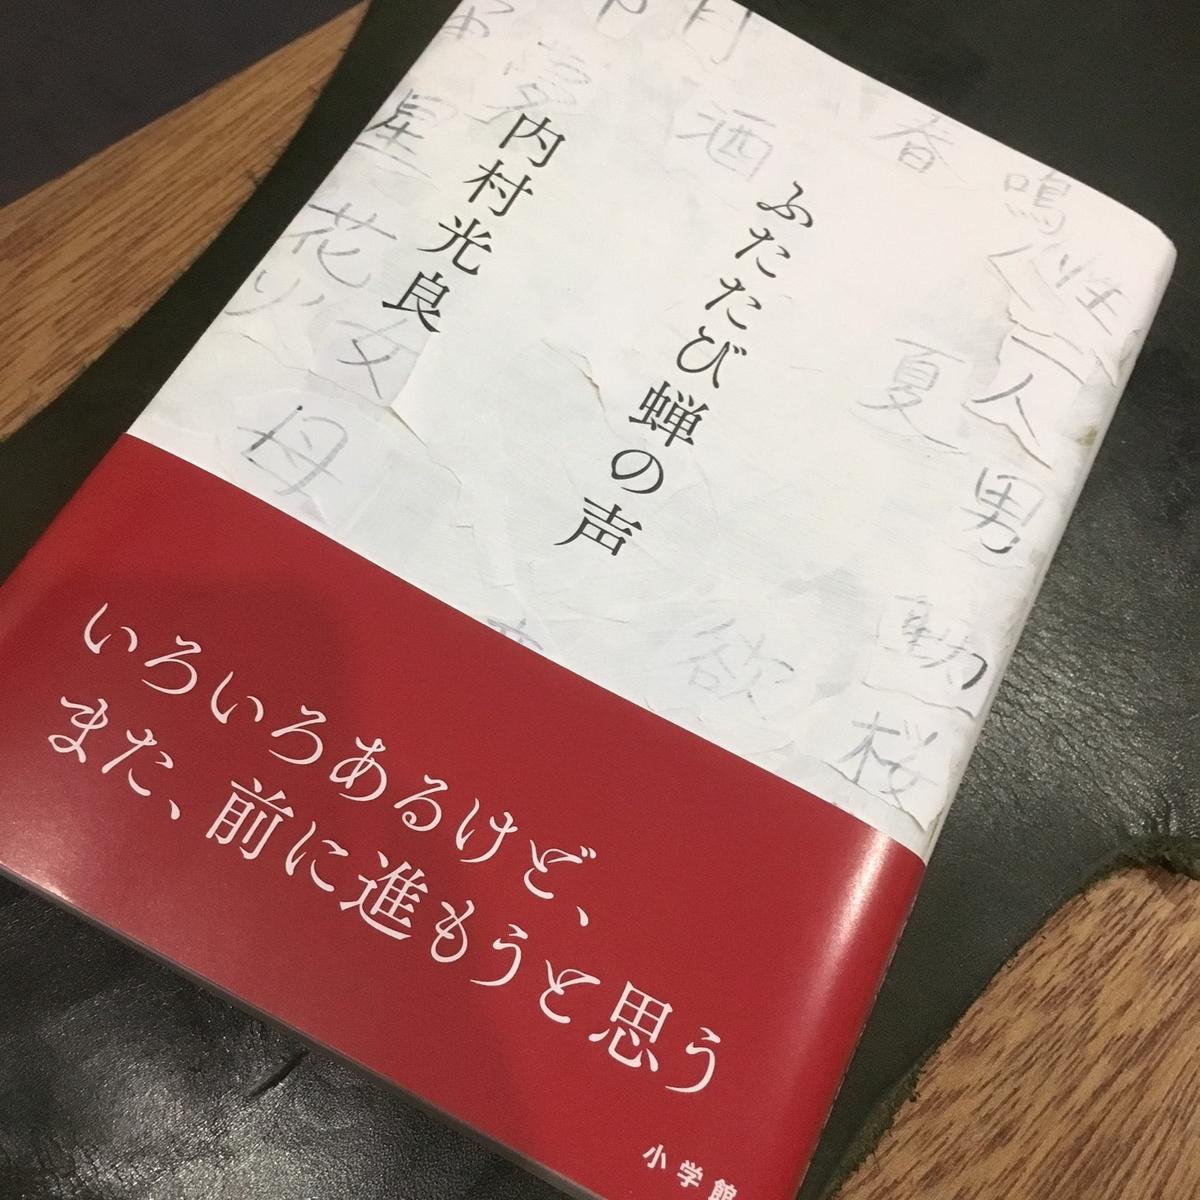 f:id:ShotaMaeda:20190630152145j:plain